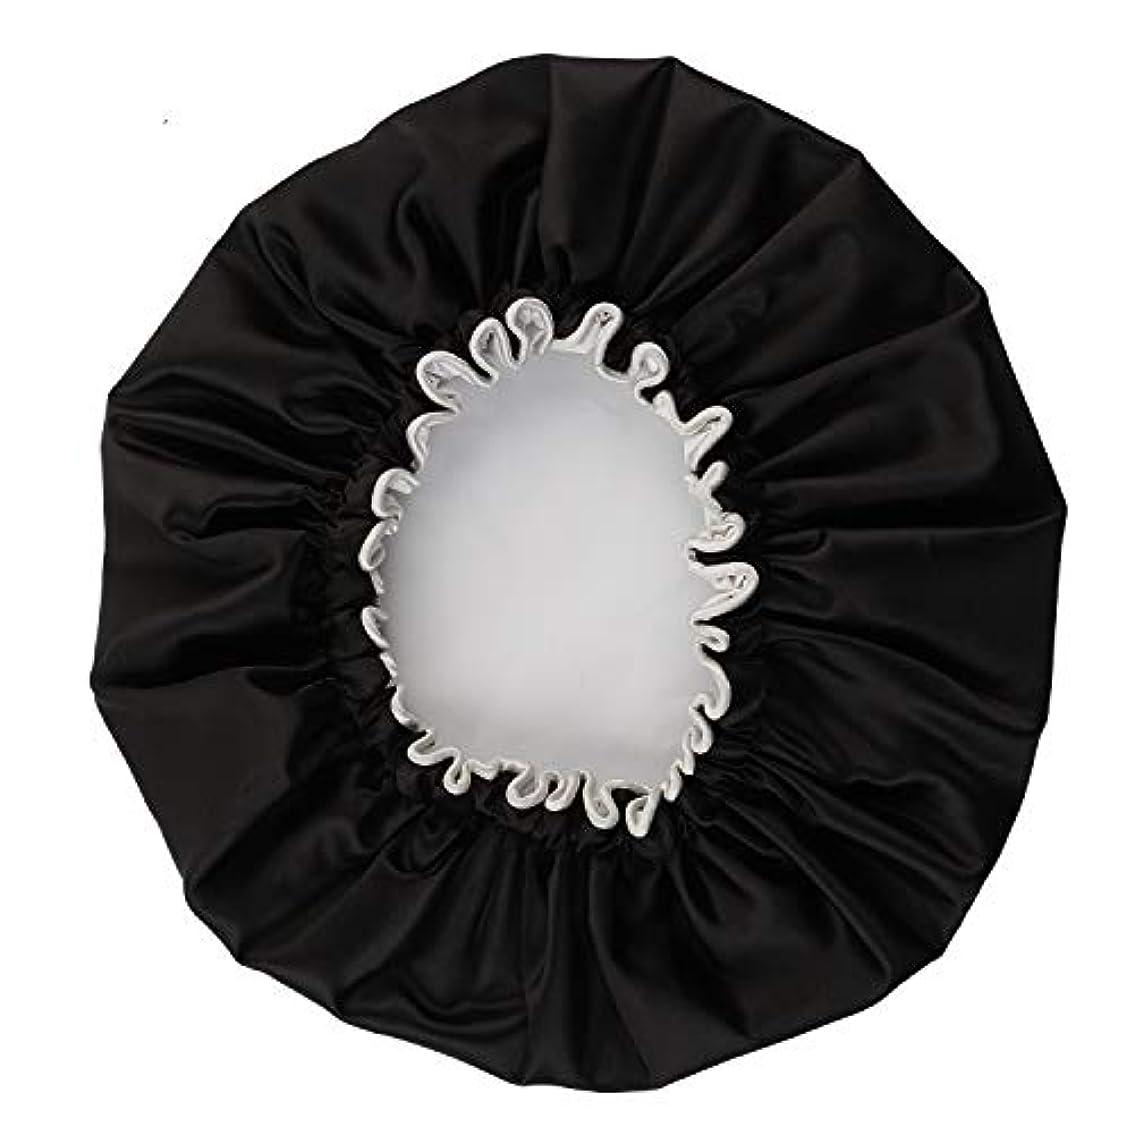 百いわゆる晩餐NEOVIVA シャワーキャップ 可愛い ヘアキャップ ヘアーキャップ ヘアーターバン 防水帽 入浴キャップ 帽子 お風呂 旅行セット ブラック